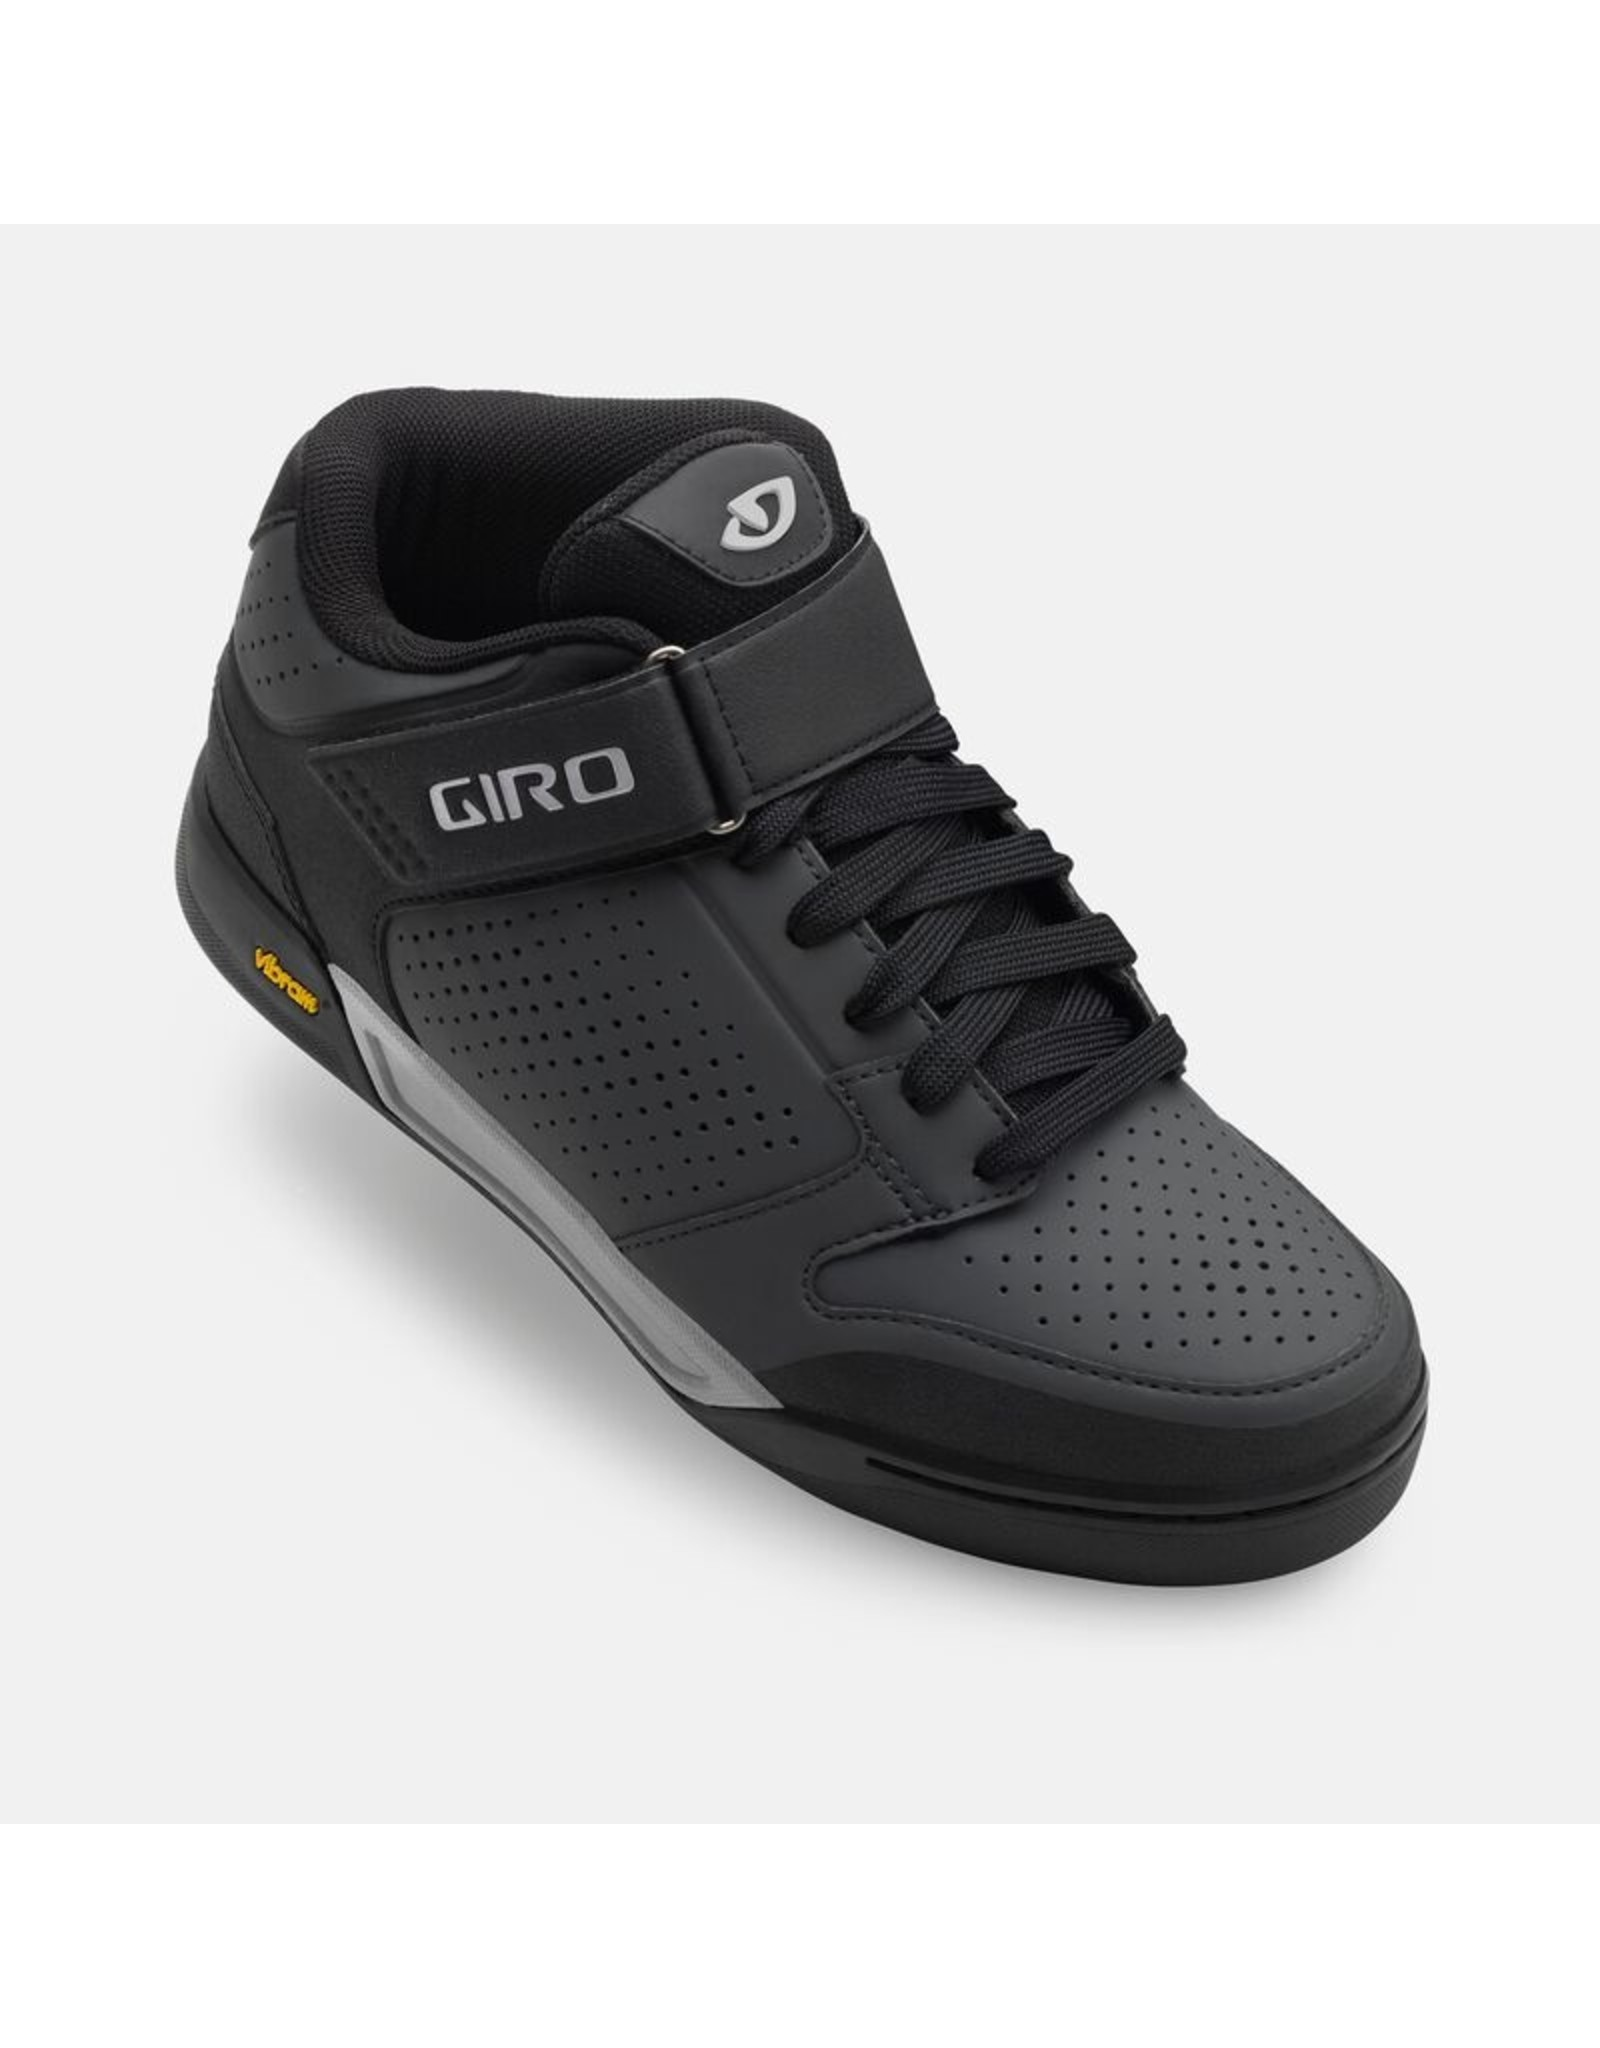 Giro Giro Riddance Mid Cycling Shoe